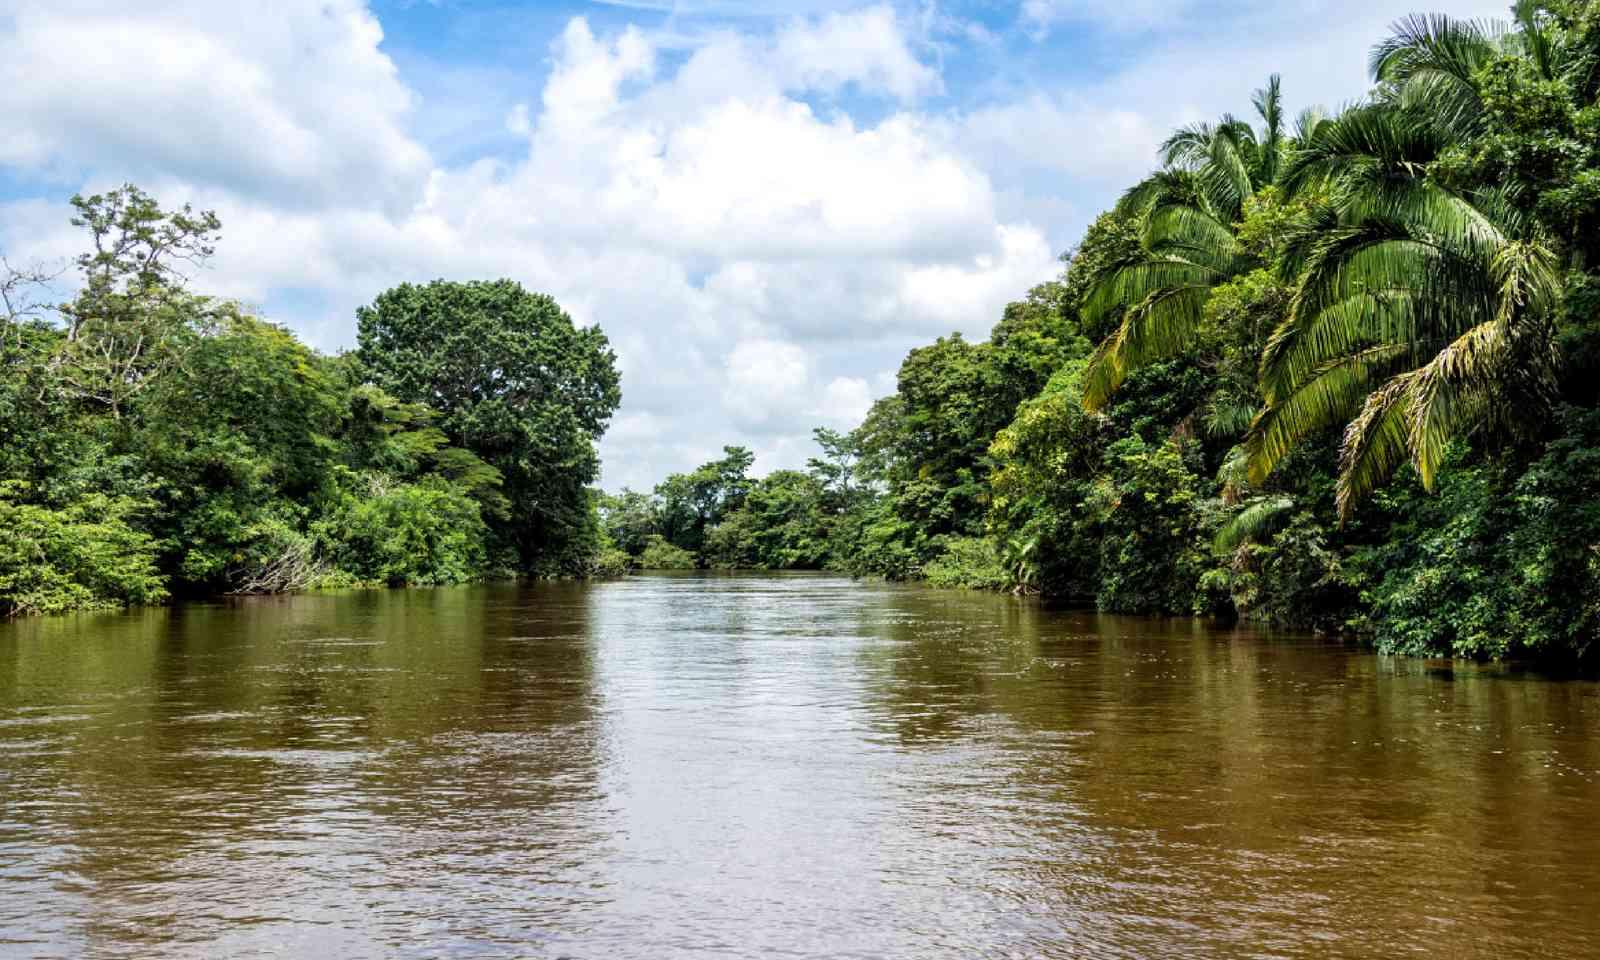 Frio River in Costa Rica (Dreamstime)